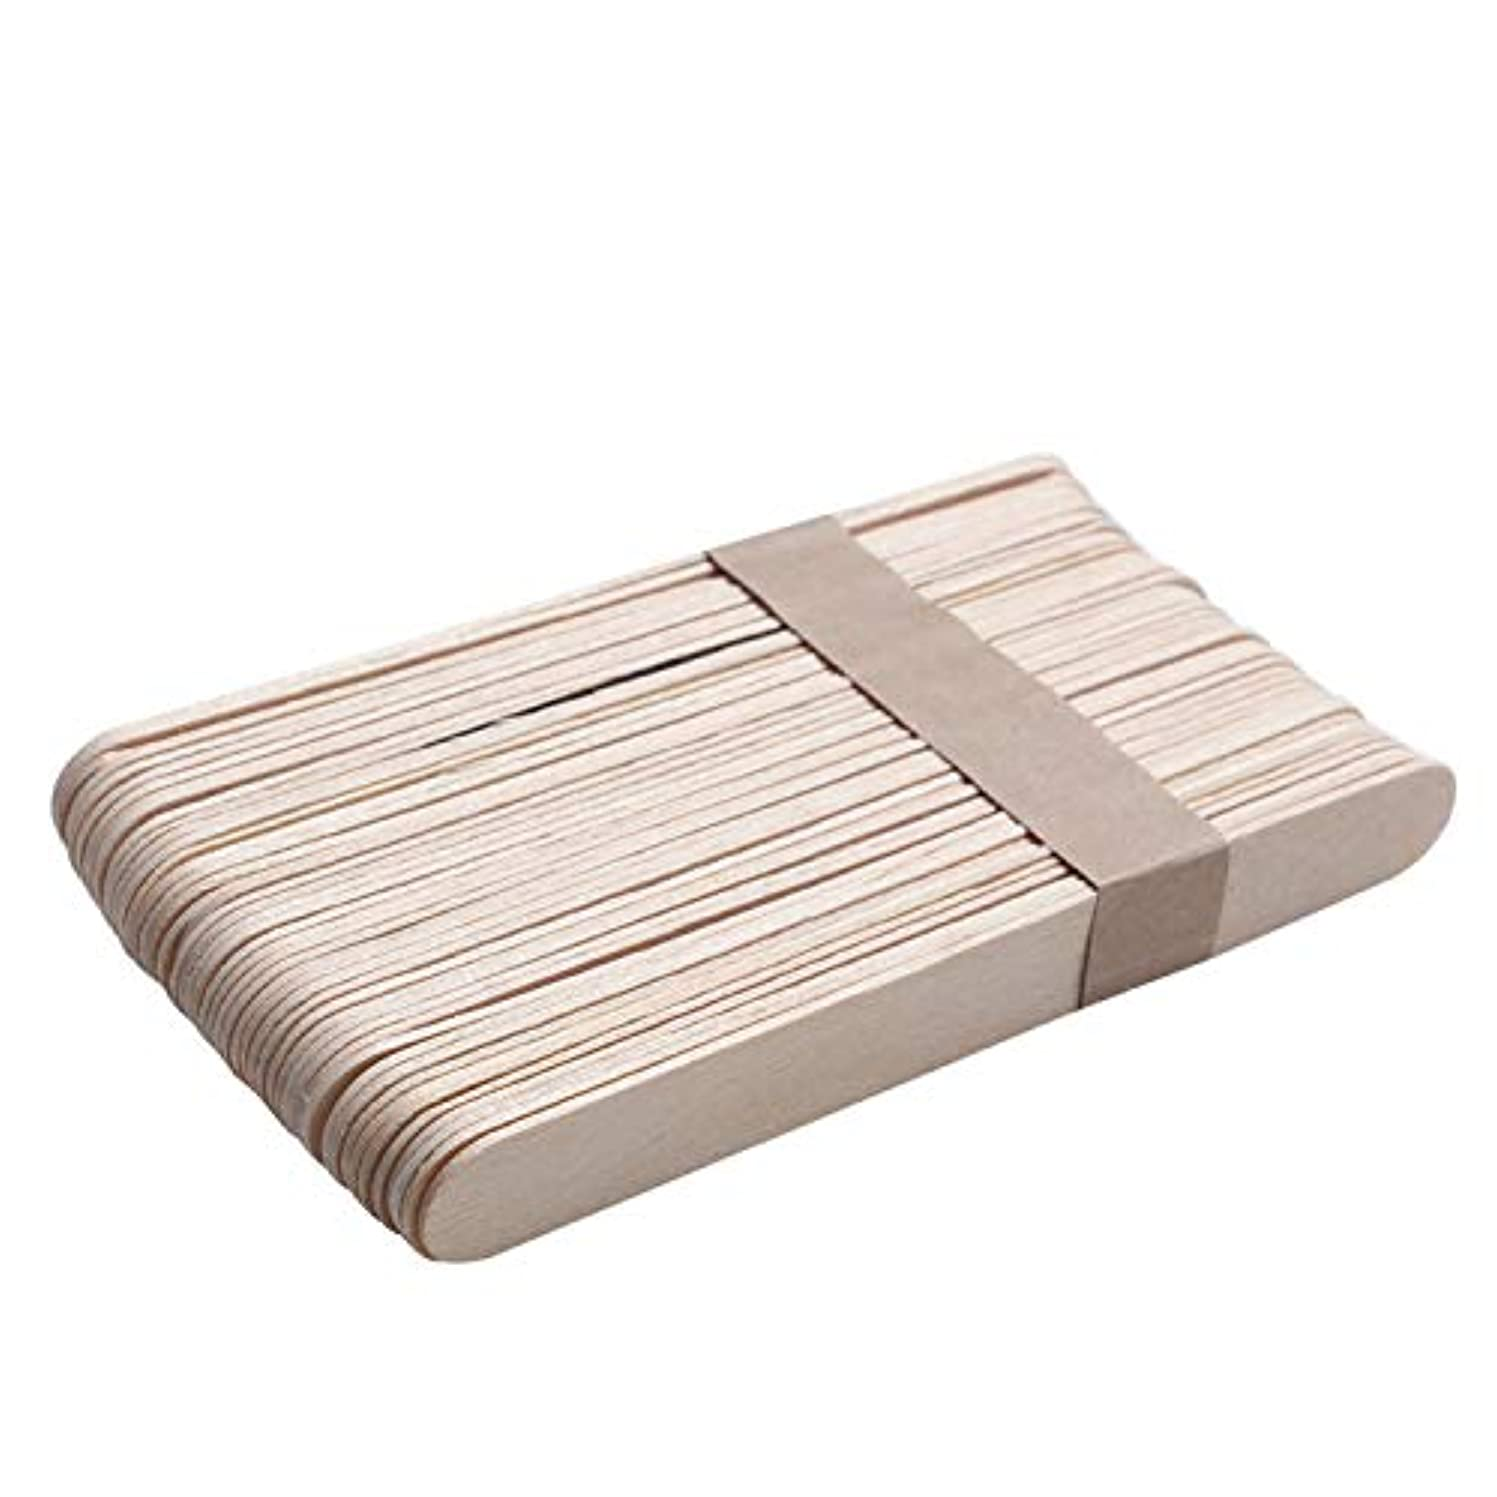 ほこりっぽい工場読みやすさMigavann 50ピース15センチ木製ワックススティック 使い捨て木製ワックスヘラワックスアプリケータdiyフェイシャルマスクスティック